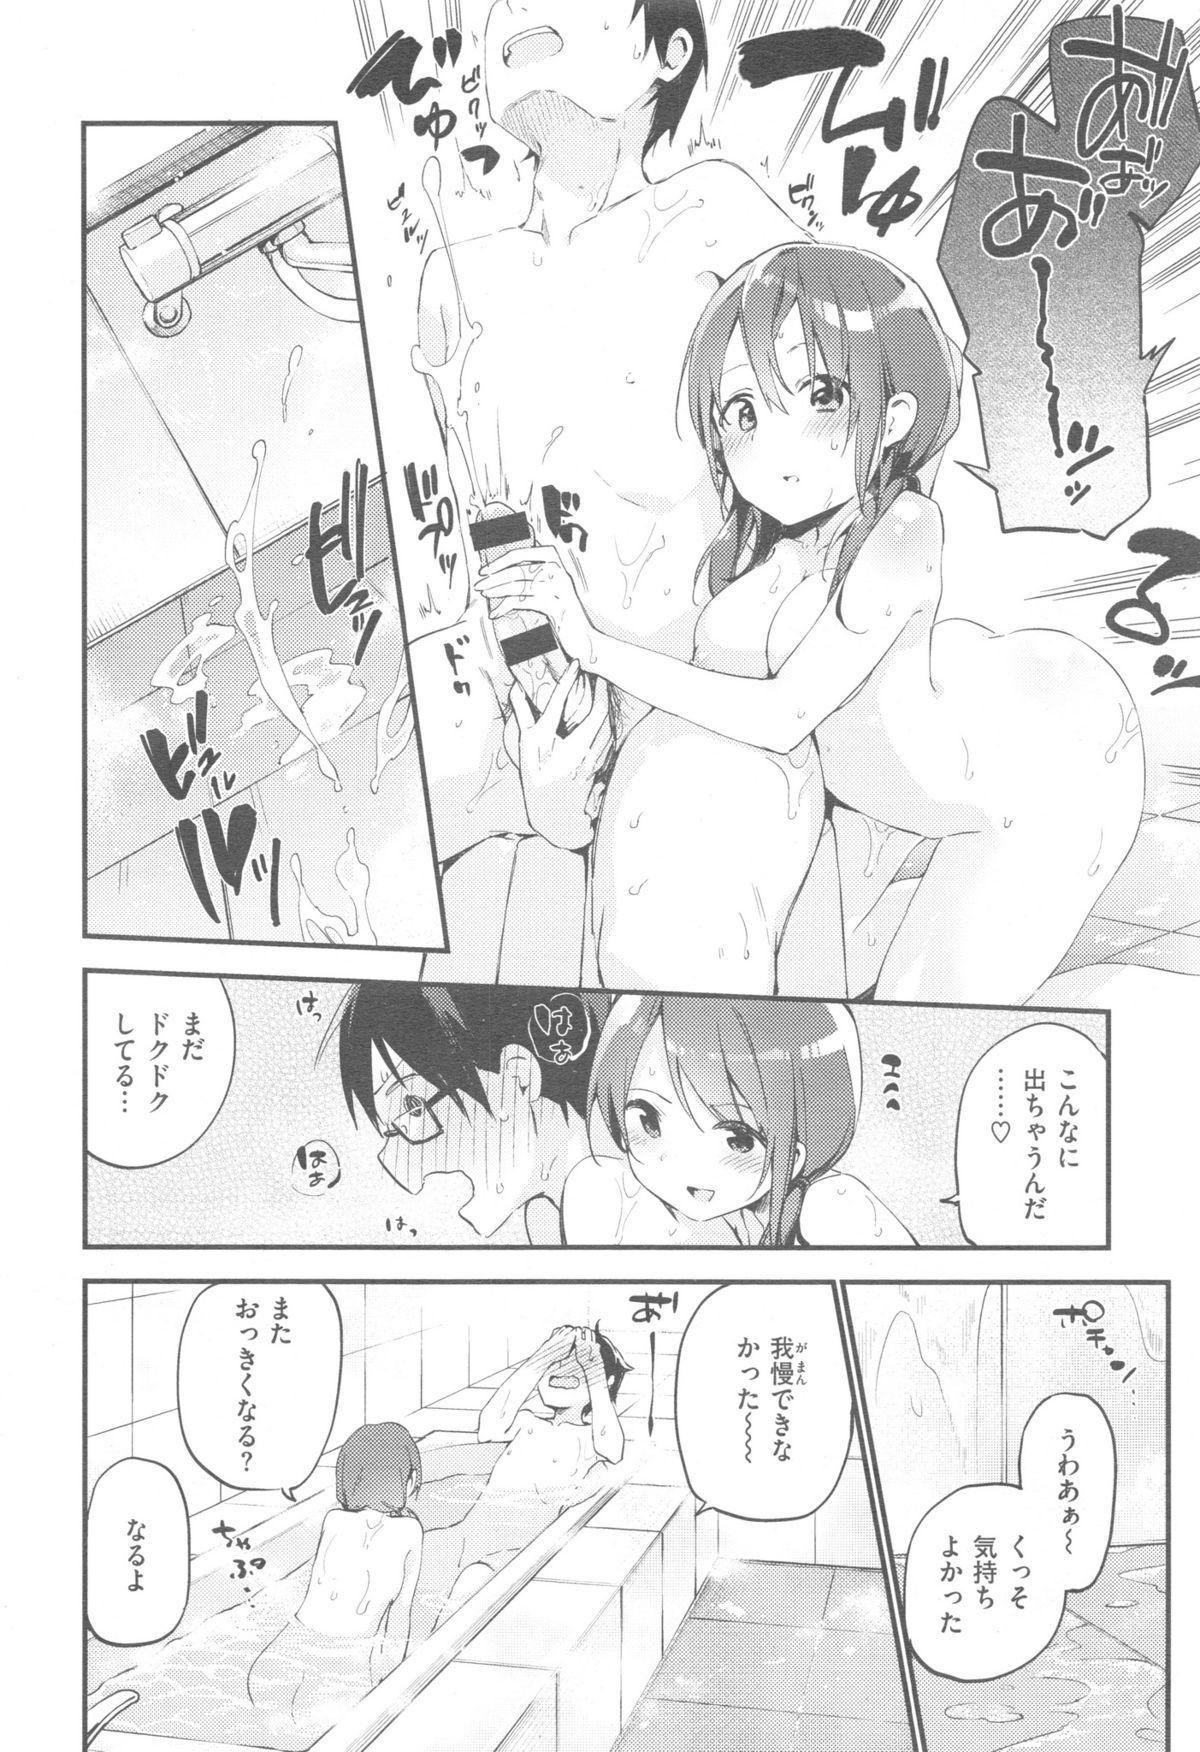 COMIC Kairakuten XTC Vol. 5 103